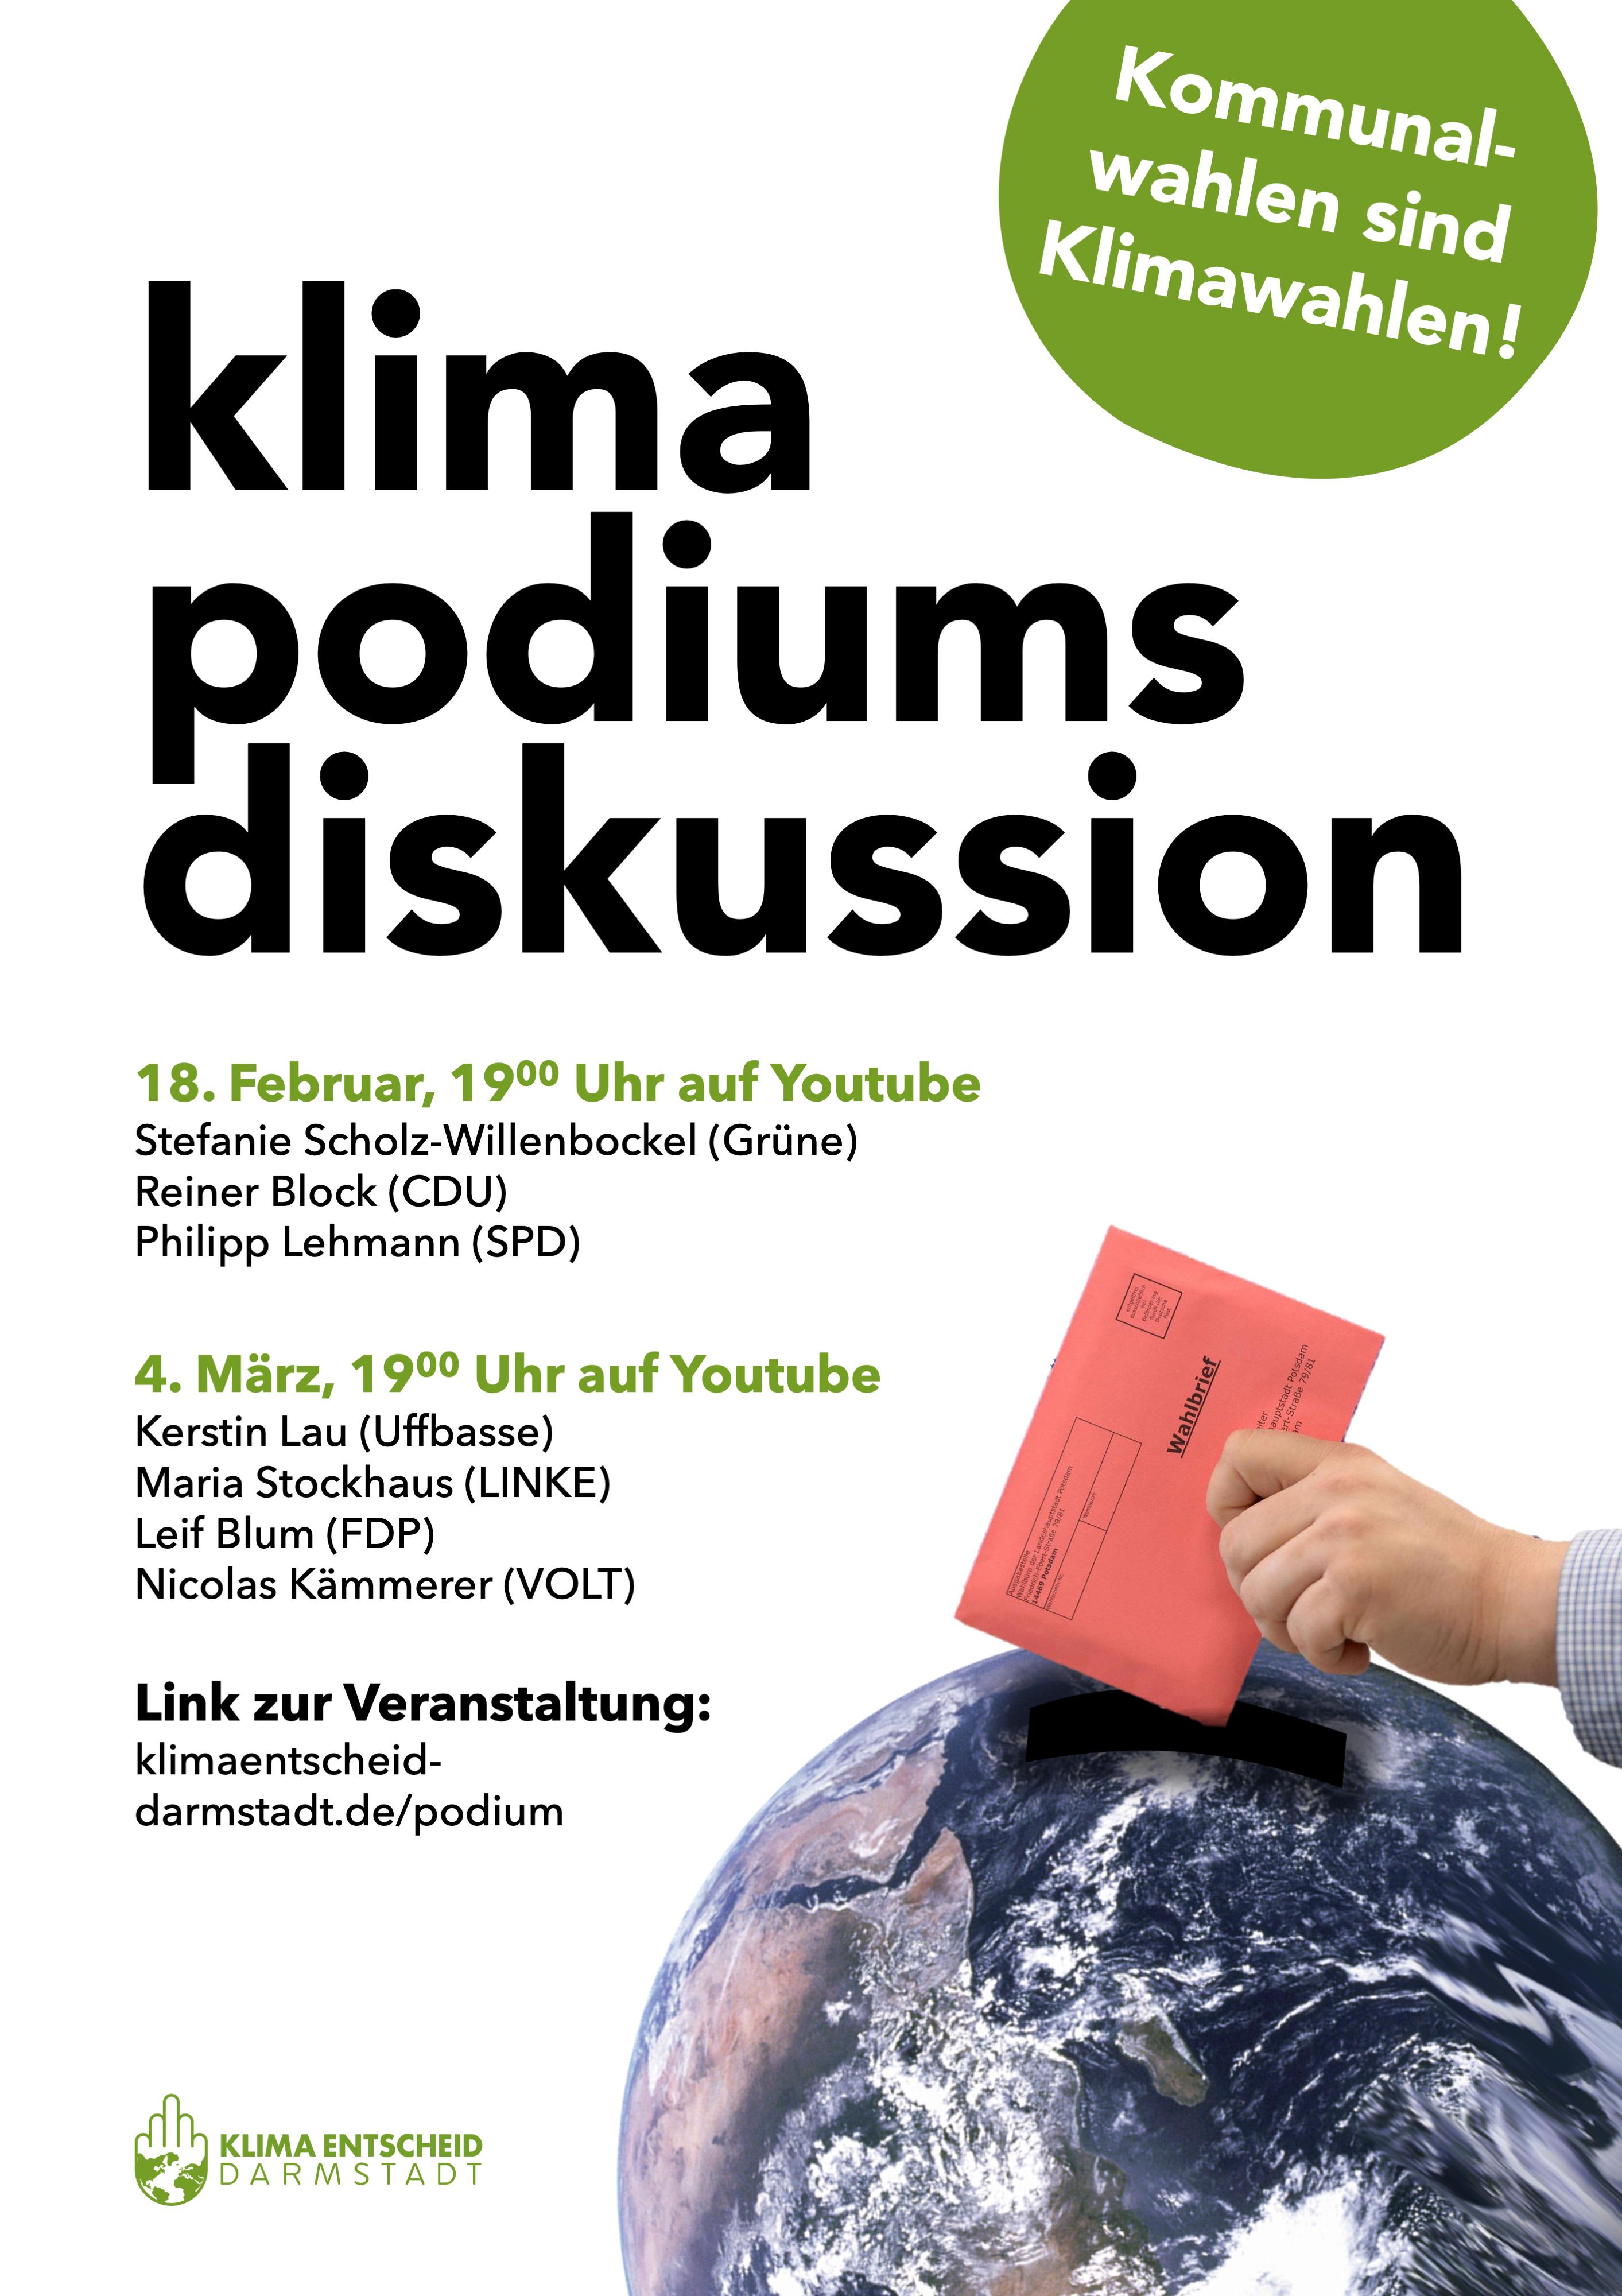 Kommunalwahl-Podiumsdiskussion Uffbasse/Linke/FDP/Volt @ online (Zoom)